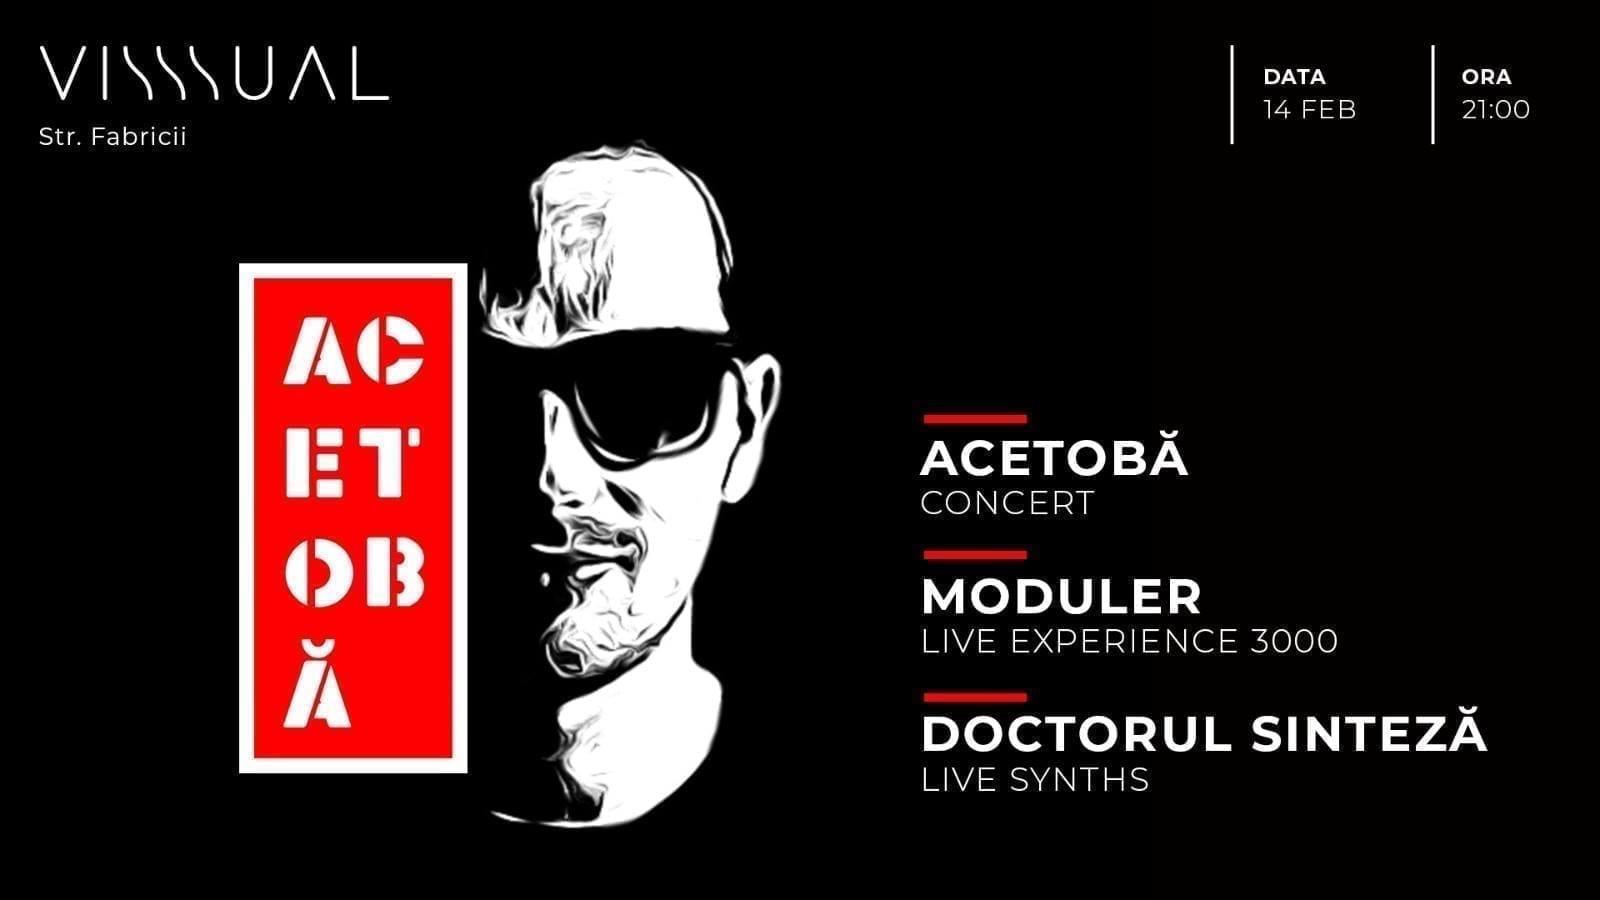 Acetobă, Moduler, Doctorul Sinteză, all (a)live